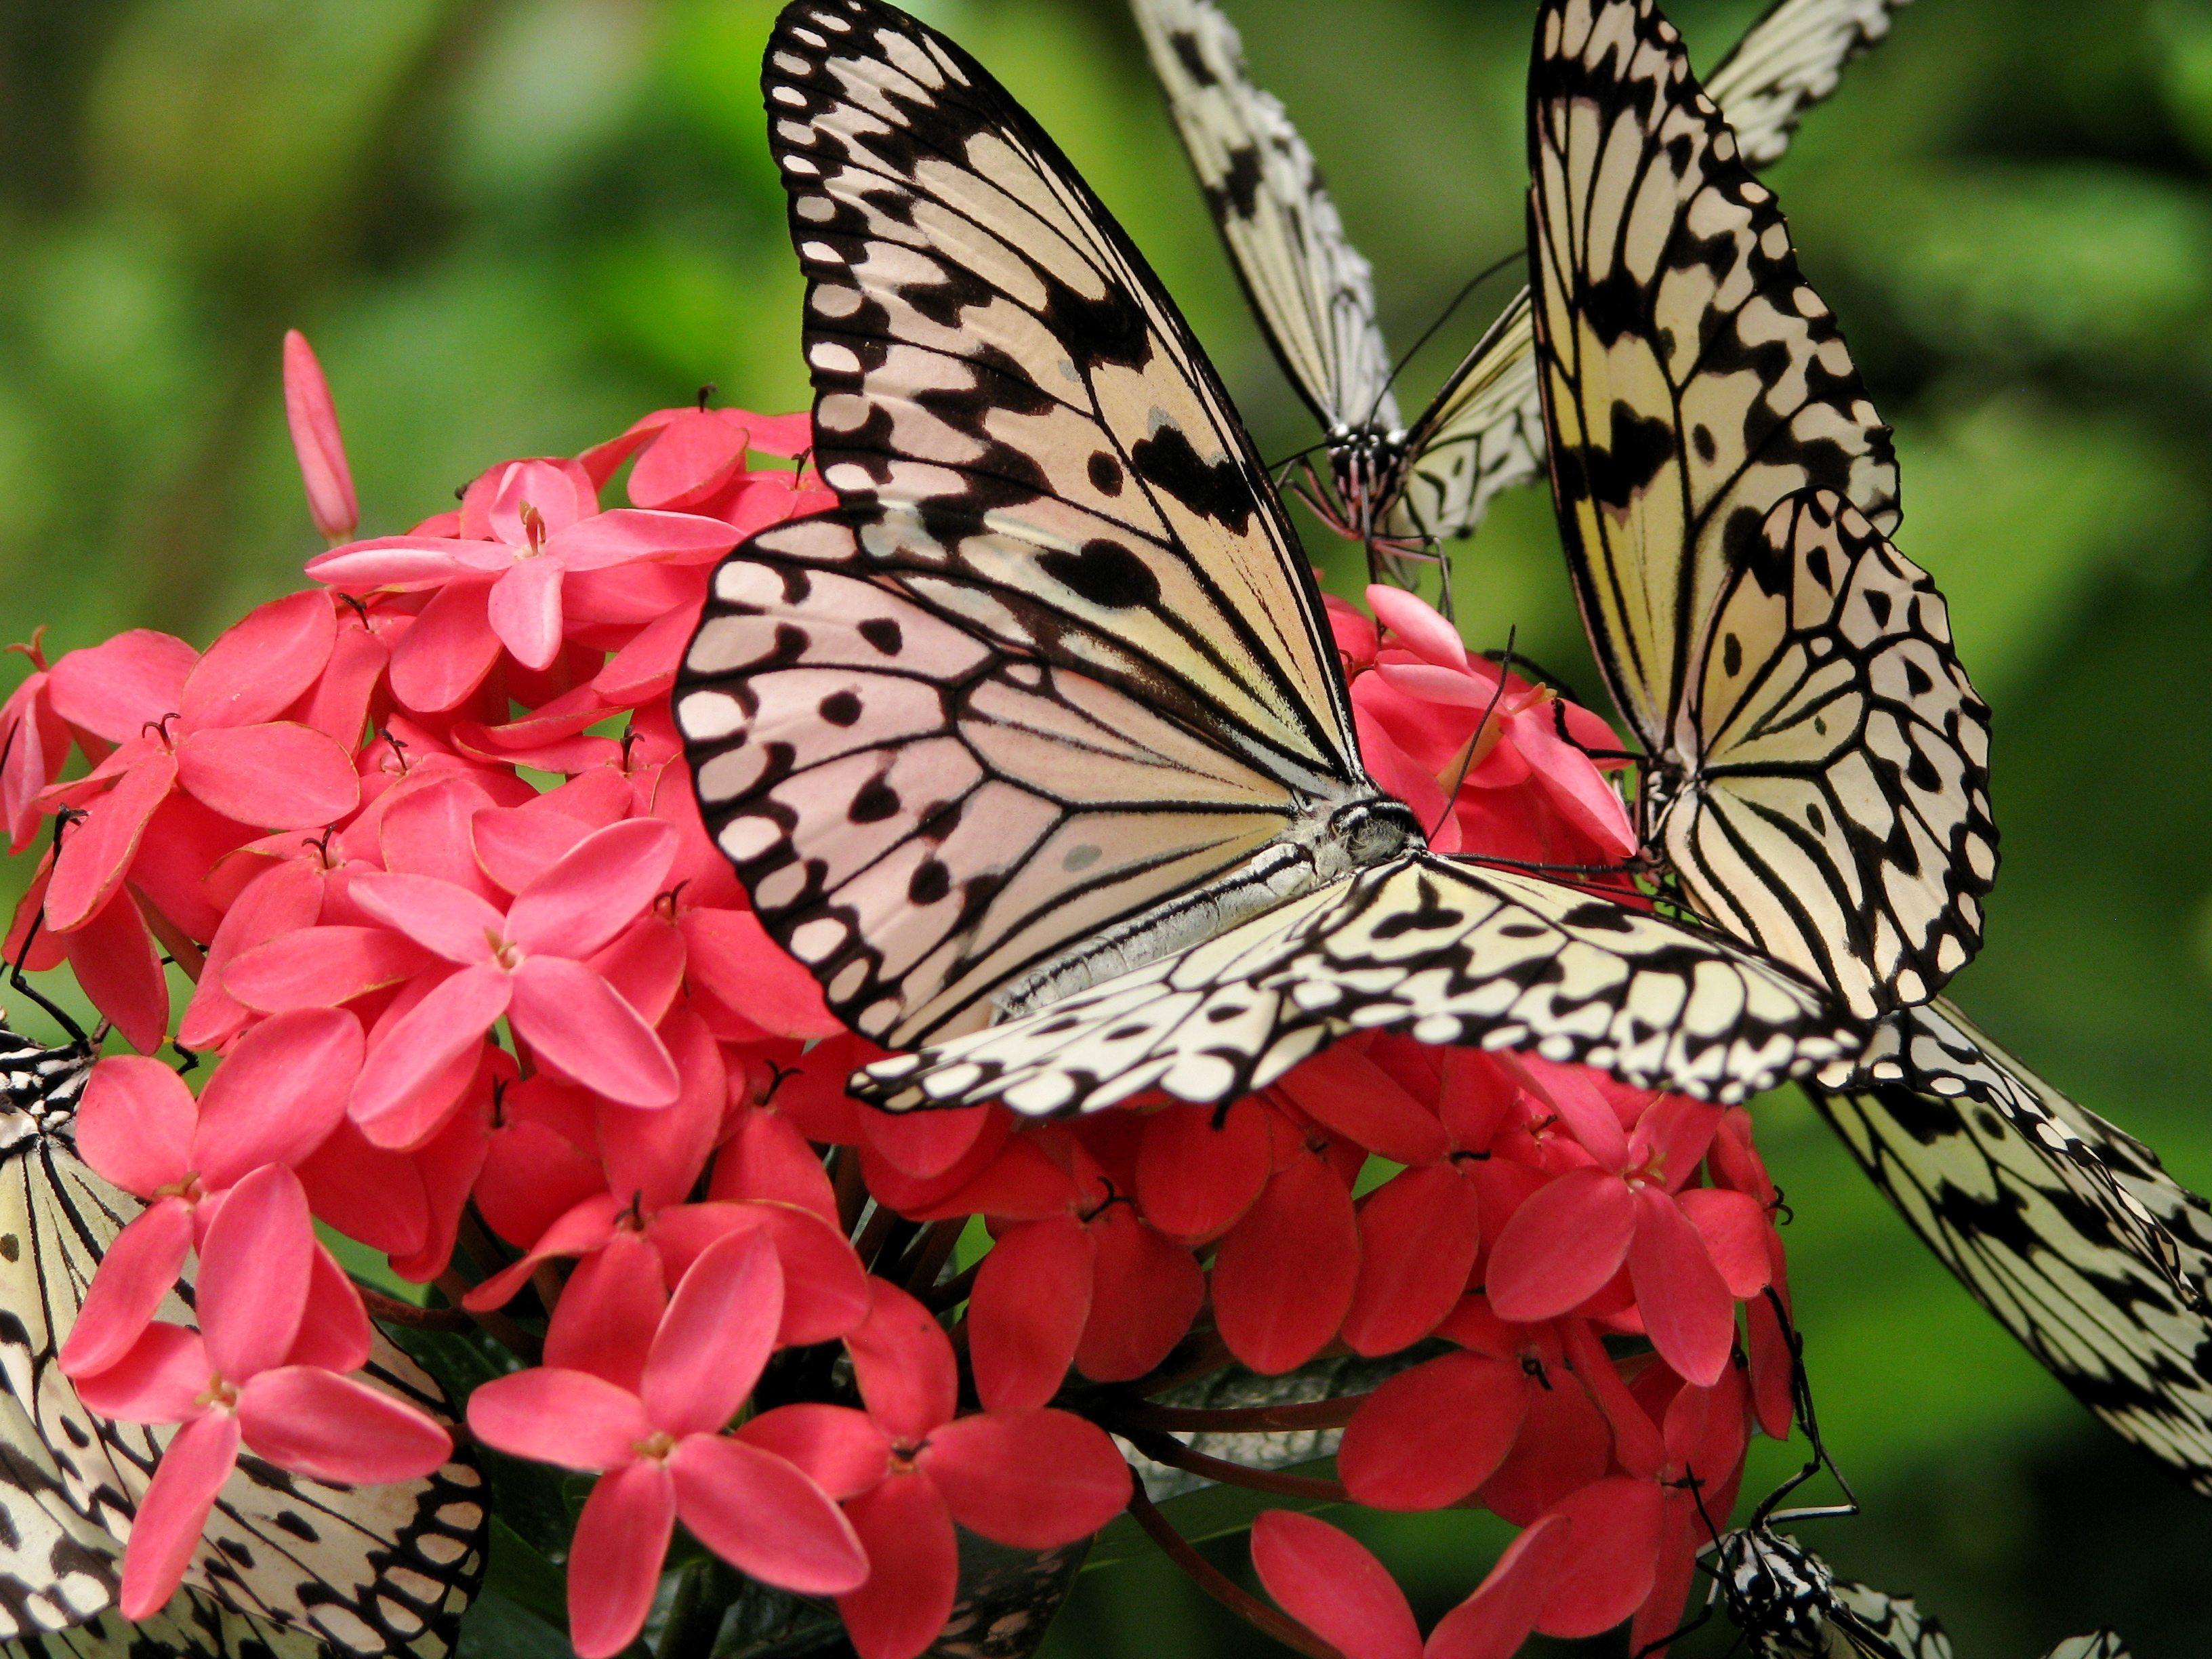 اهم الانشطه في حديقة الفراشات في كوالالمبور